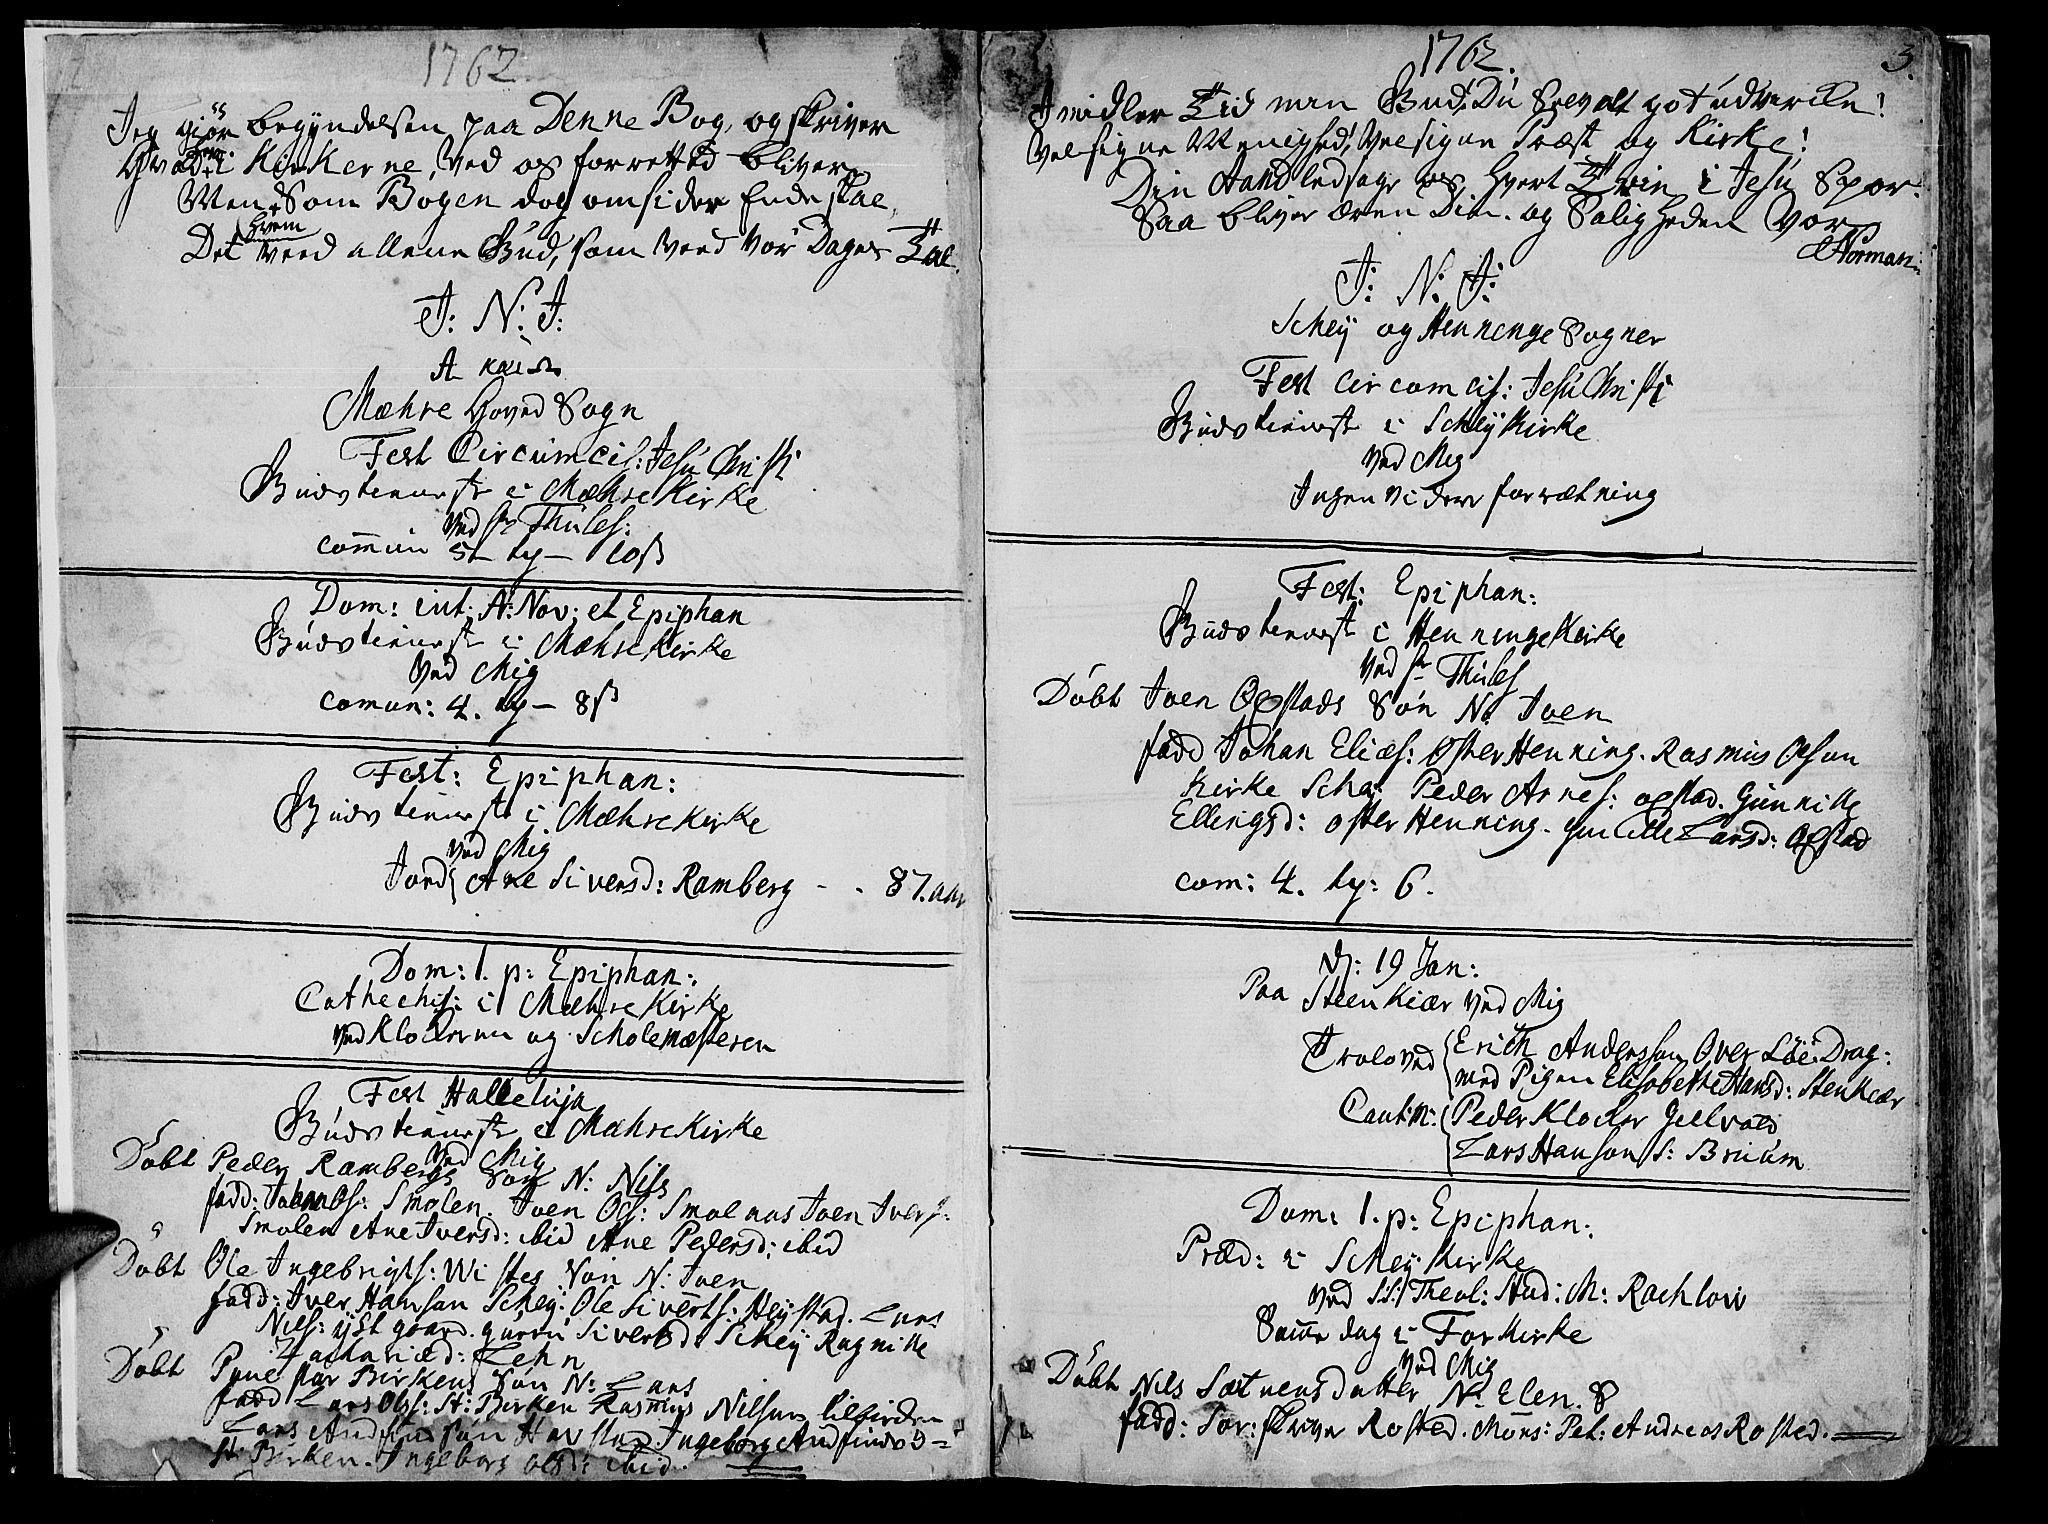 SAT, Ministerialprotokoller, klokkerbøker og fødselsregistre - Nord-Trøndelag, 735/L0331: Parish register (official) no. 735A02, 1762-1794, p. 2-3